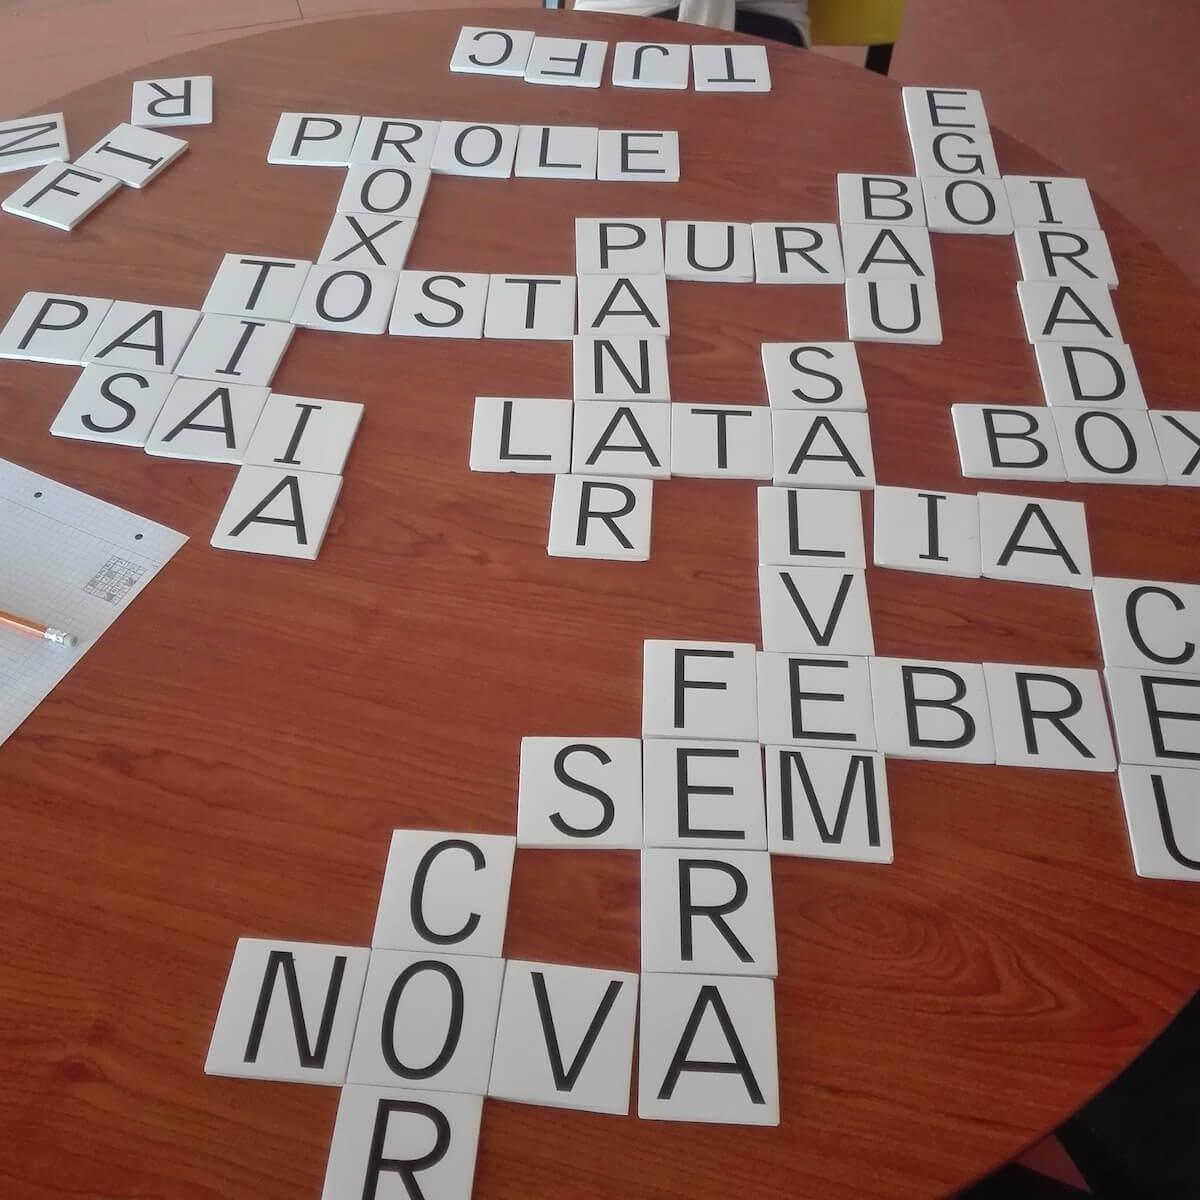 palavras cruzadas em cima de uma mesa da escola